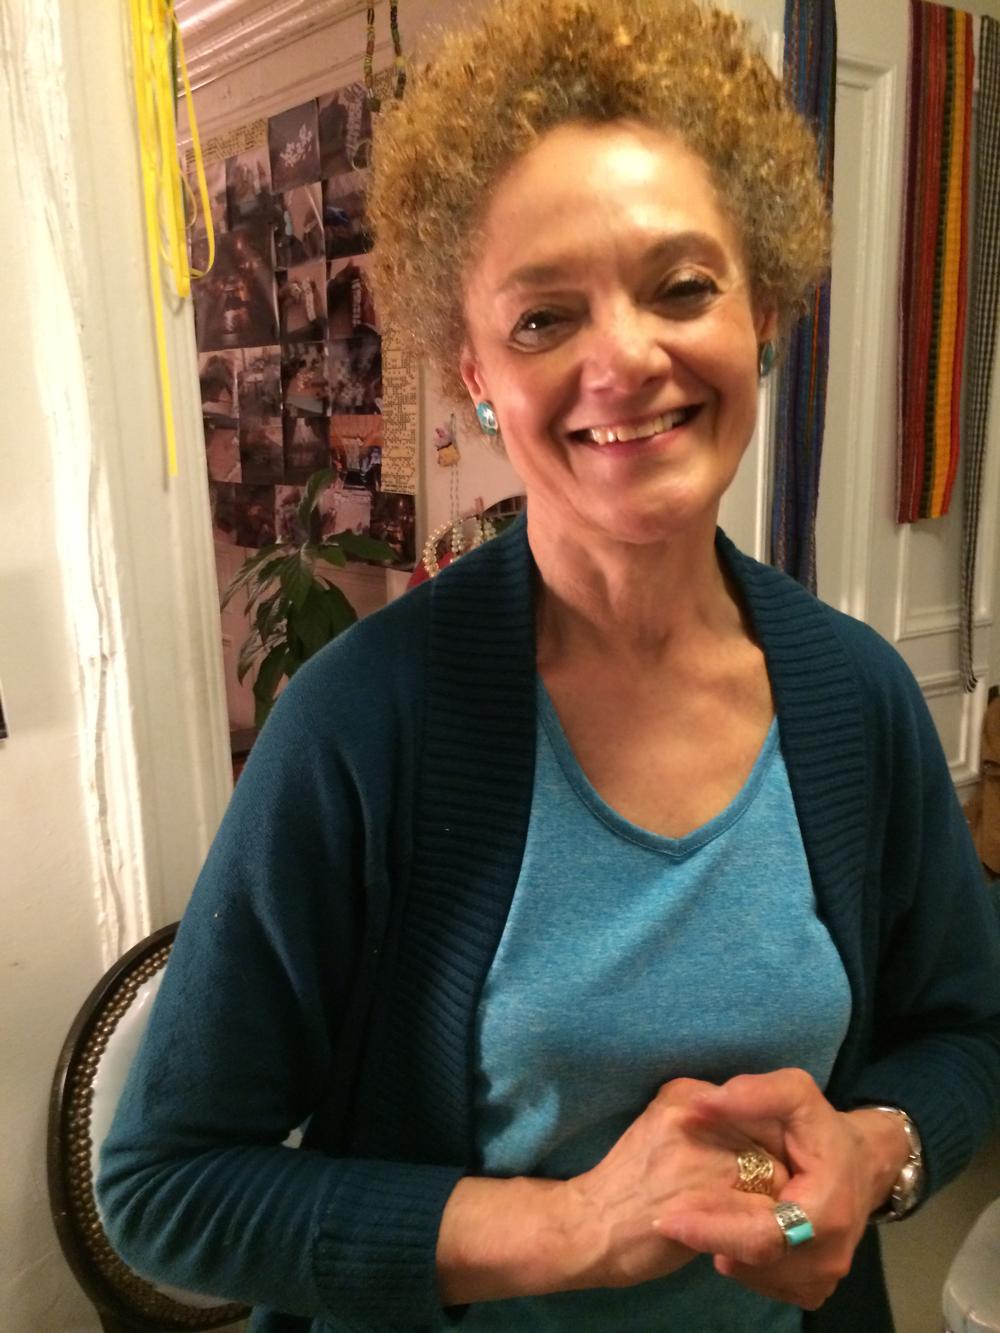 Kathleen Cleaver